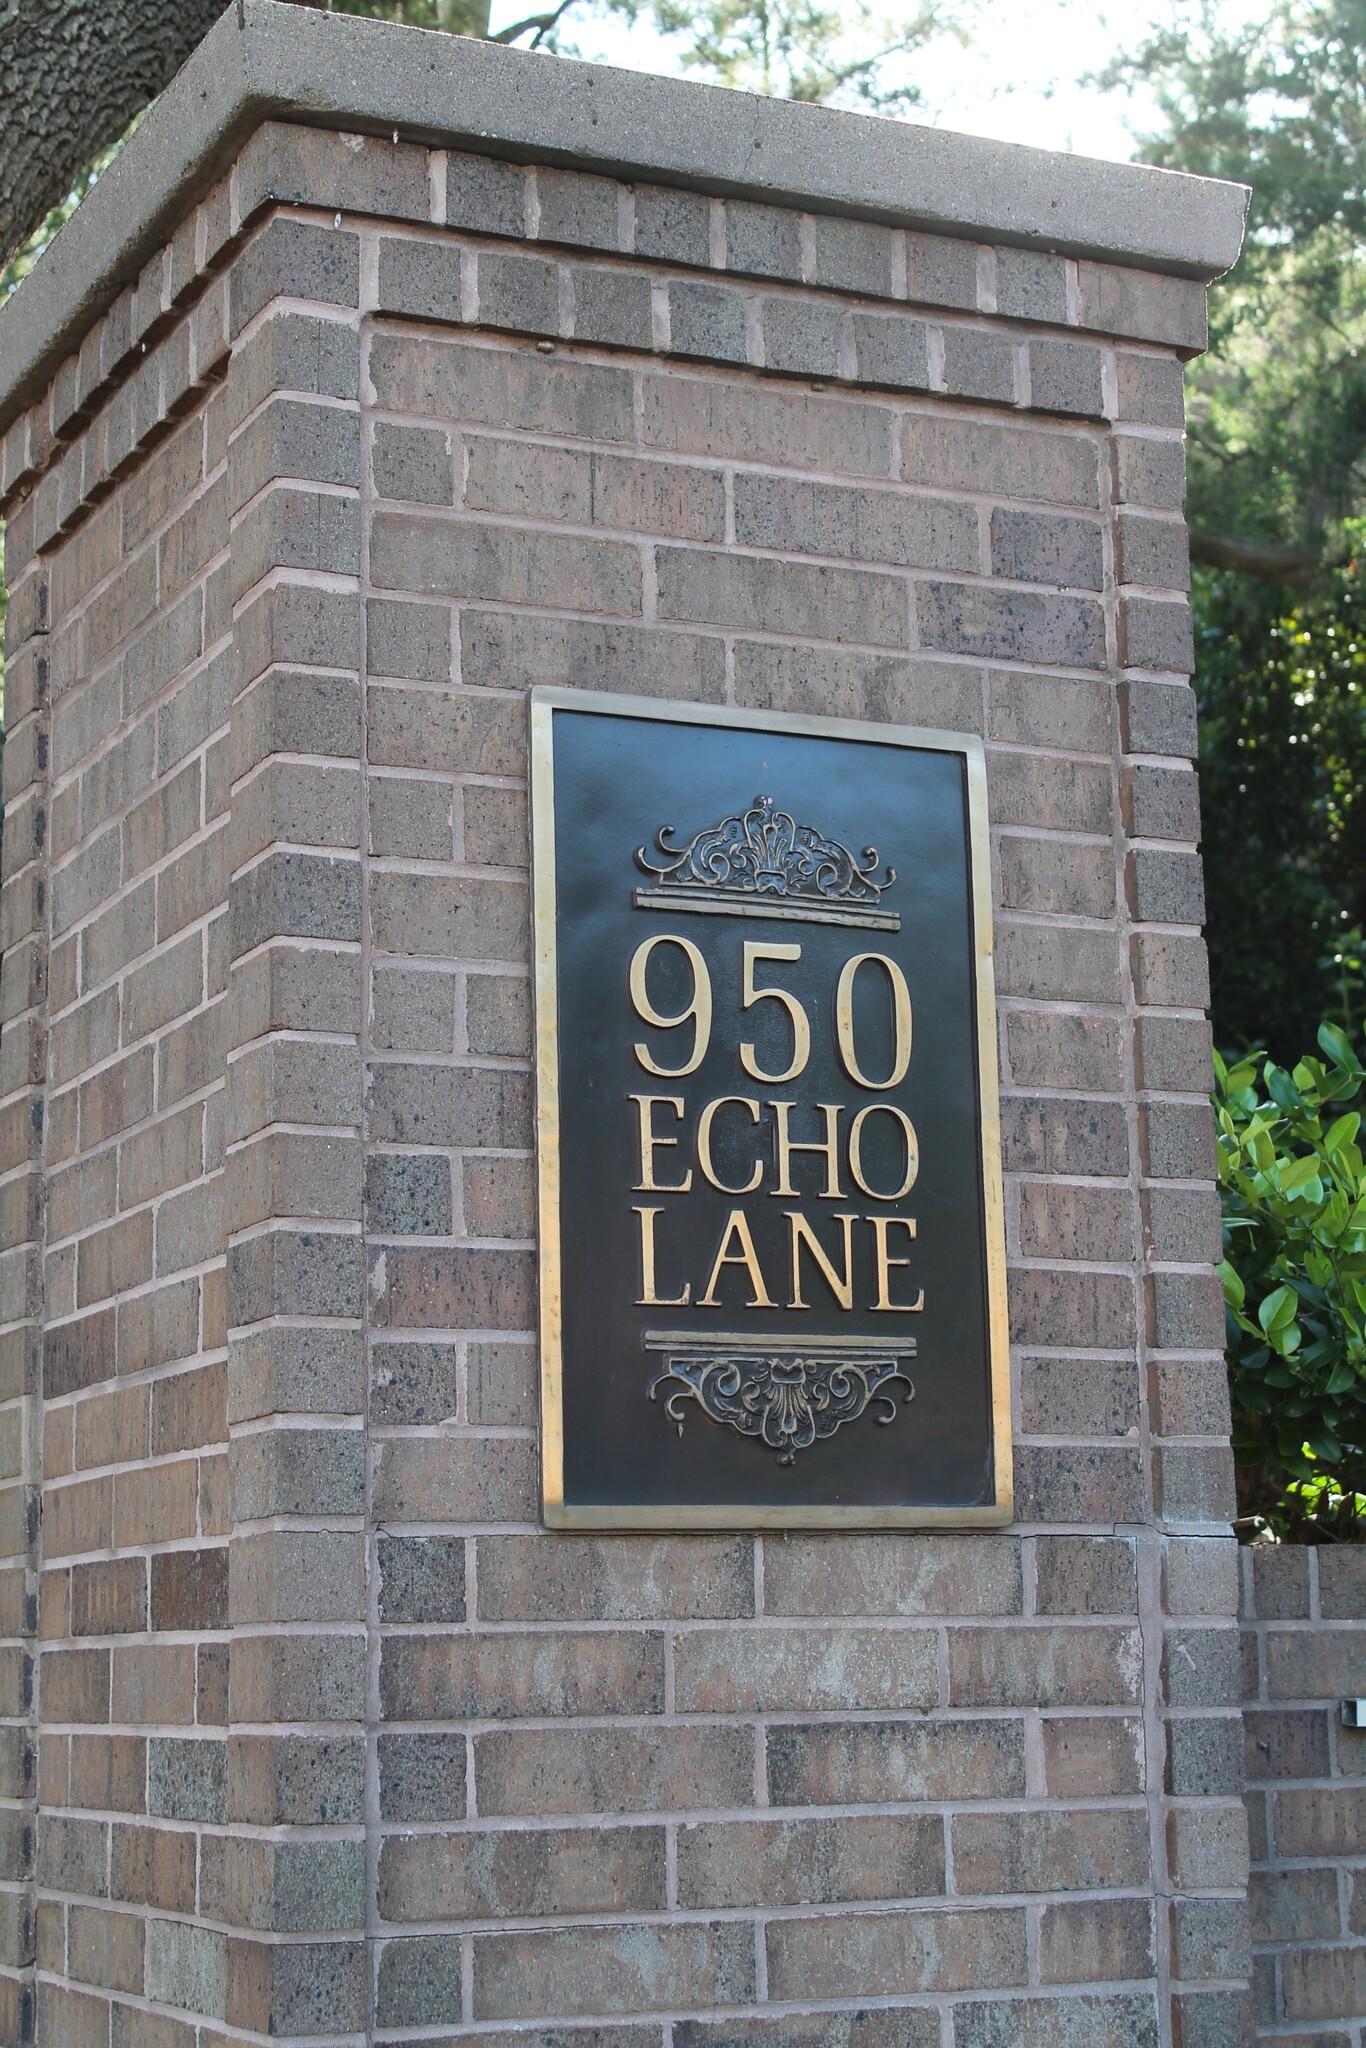 950 Echo Lane